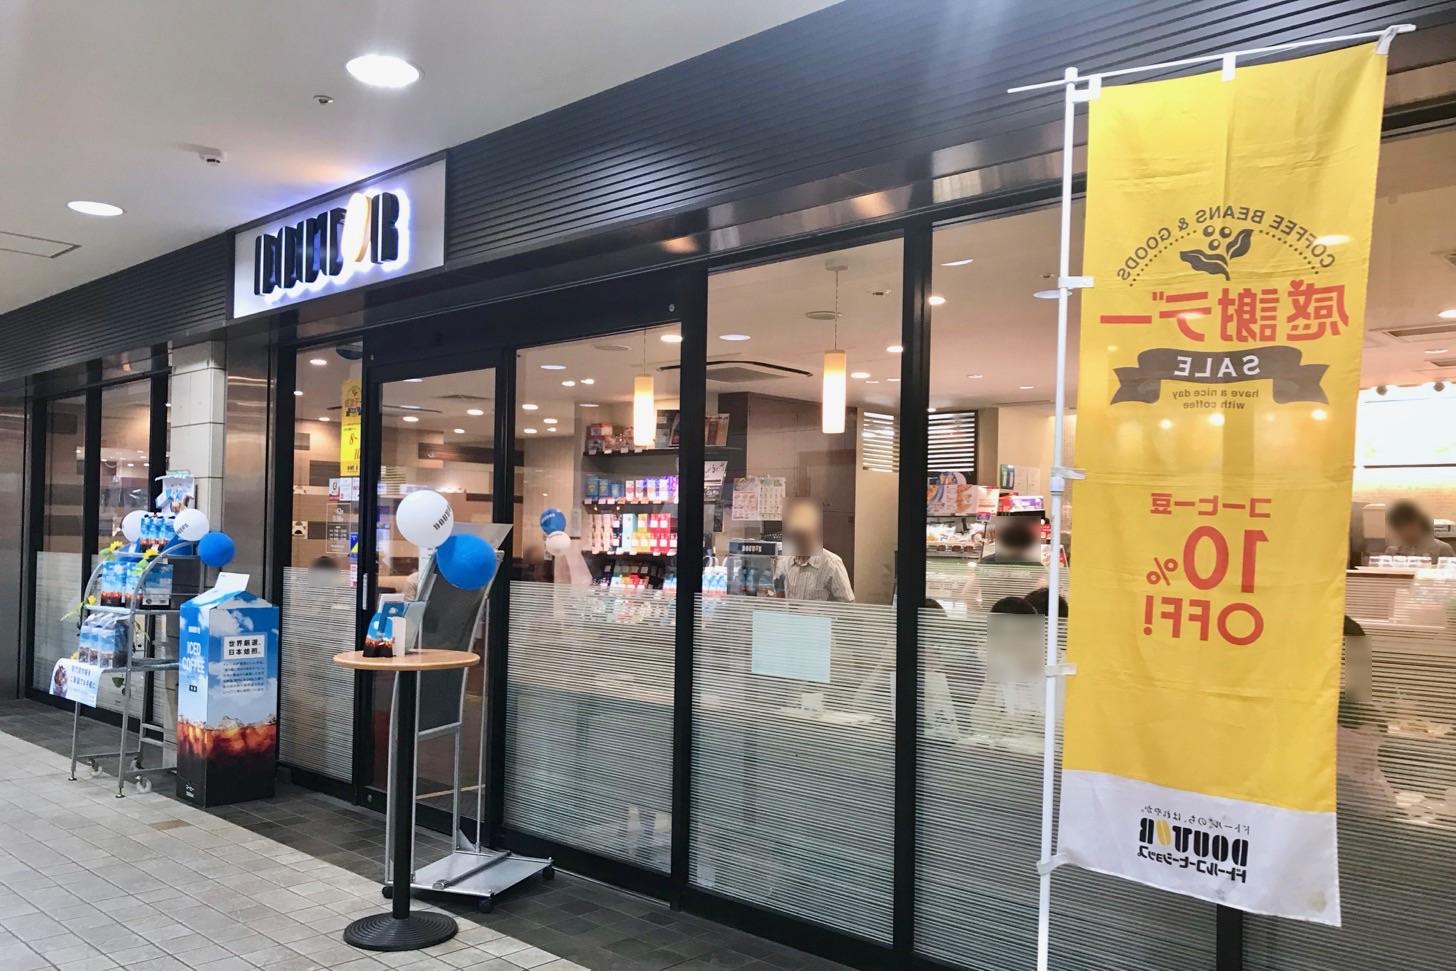 ドトールコーヒー 京王多摩センター店 外観